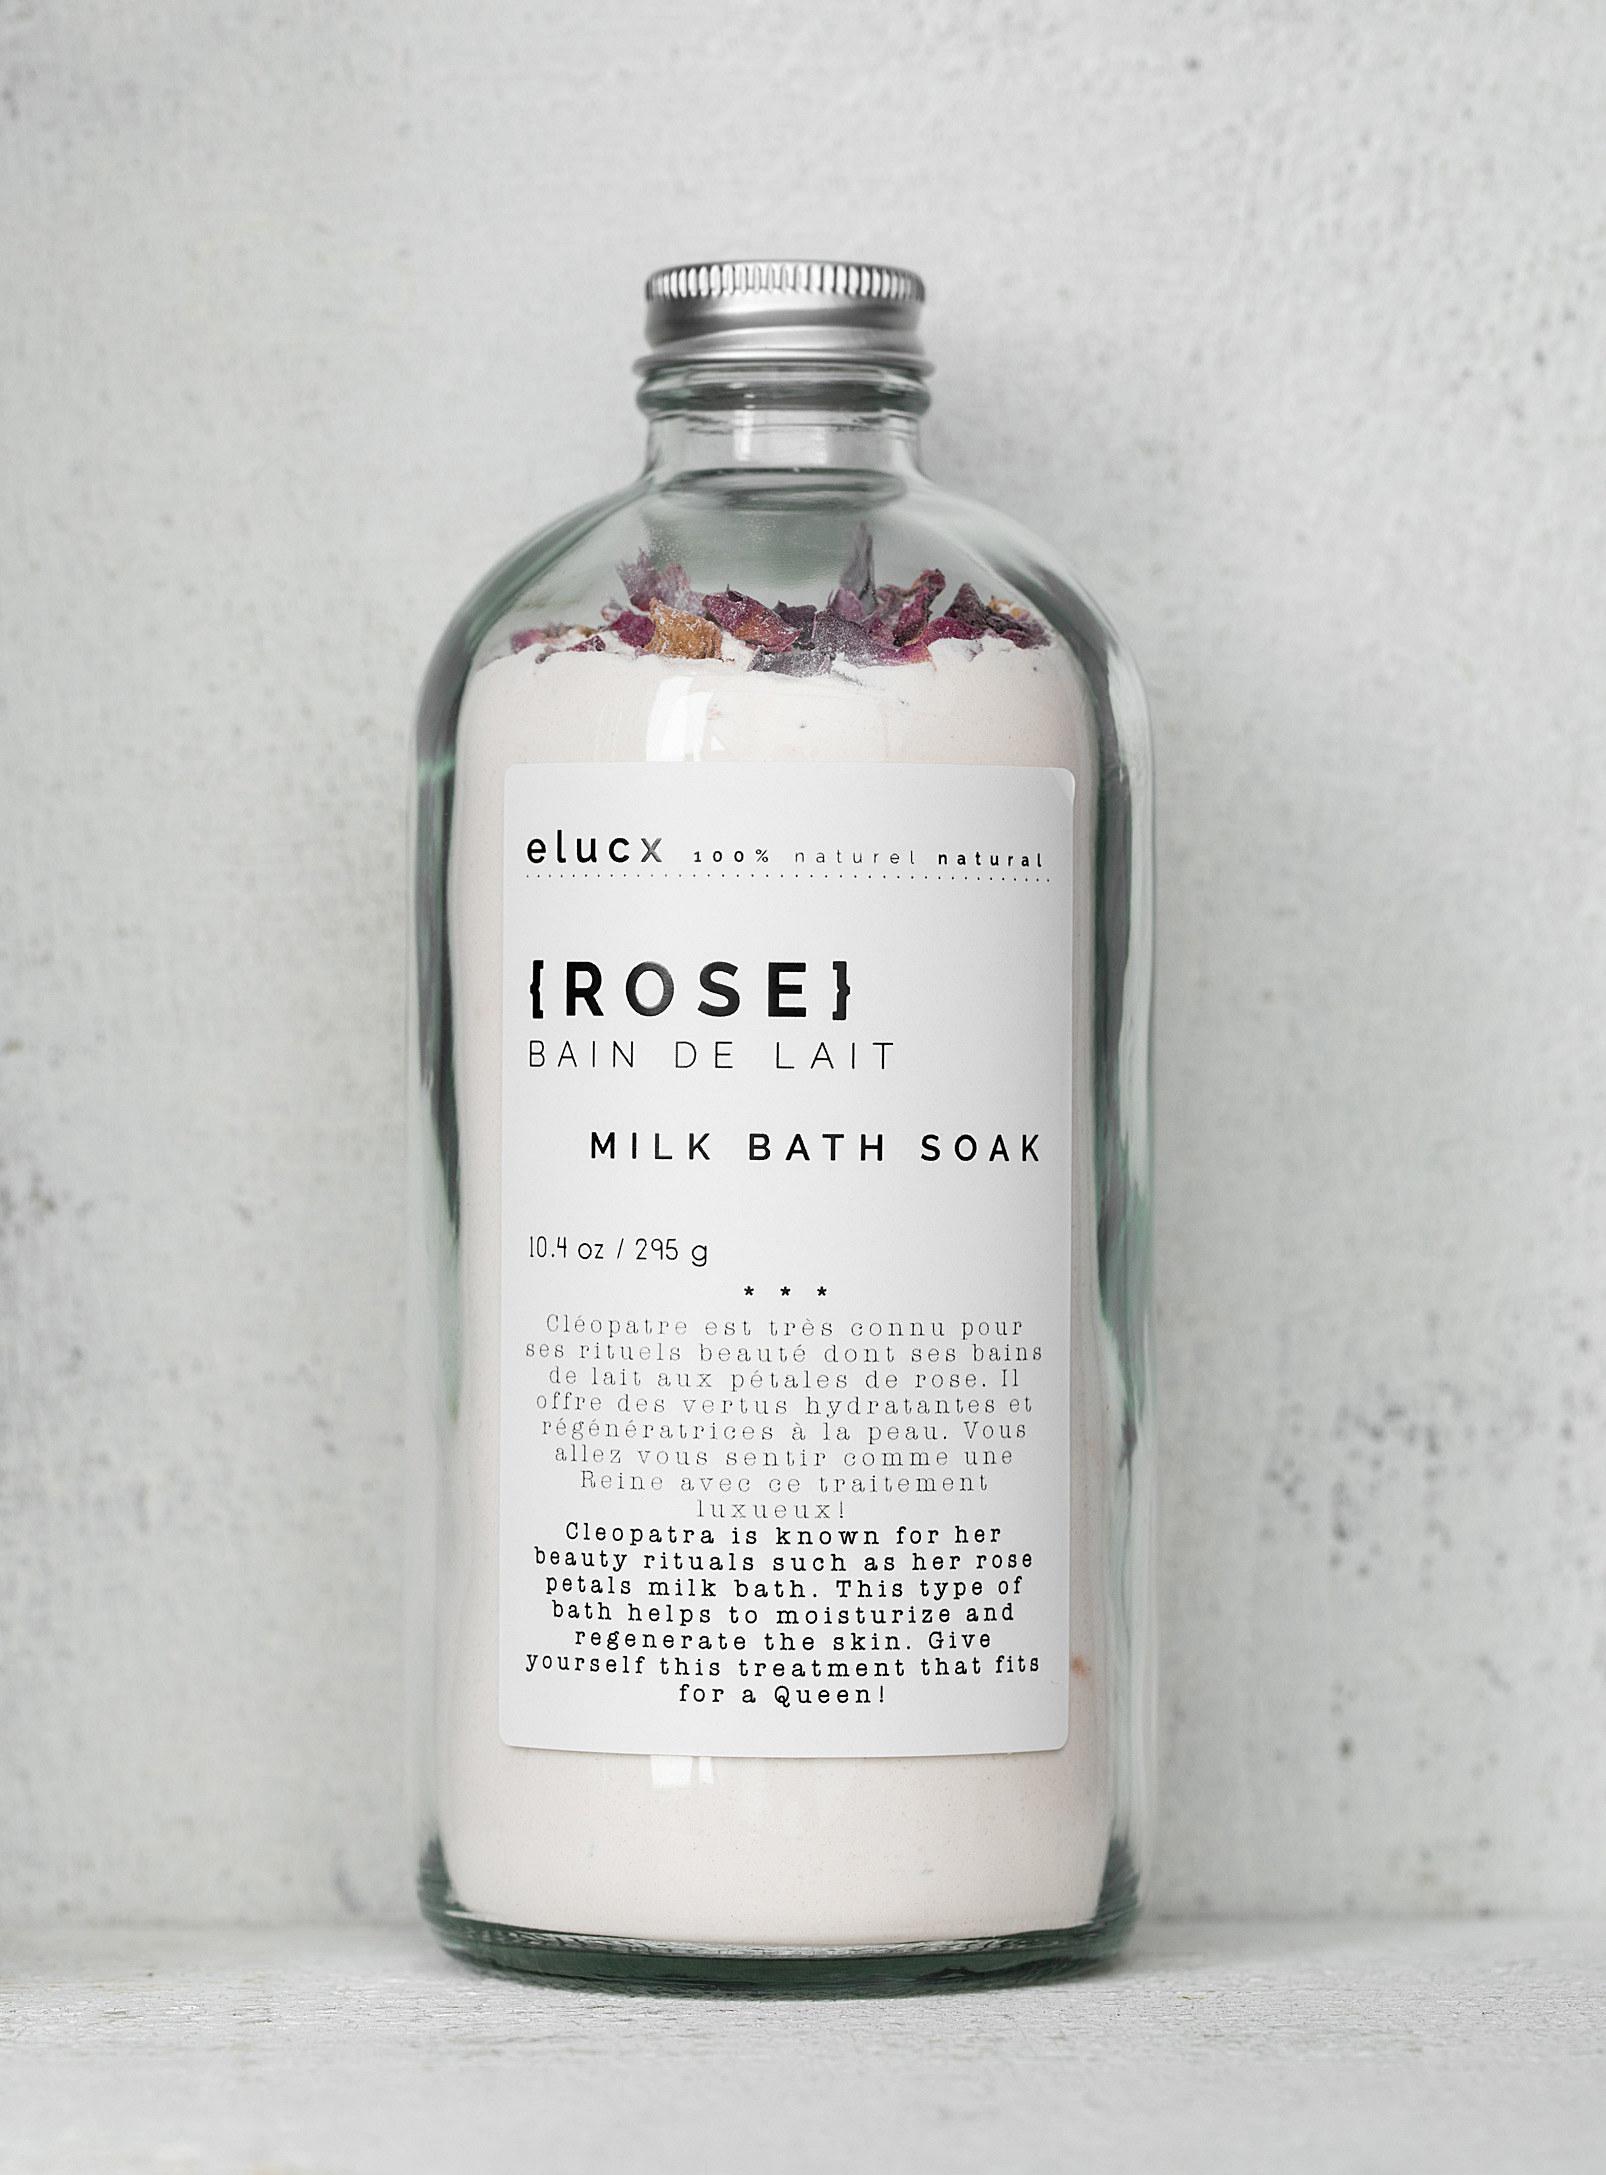 the bottle of bath soak